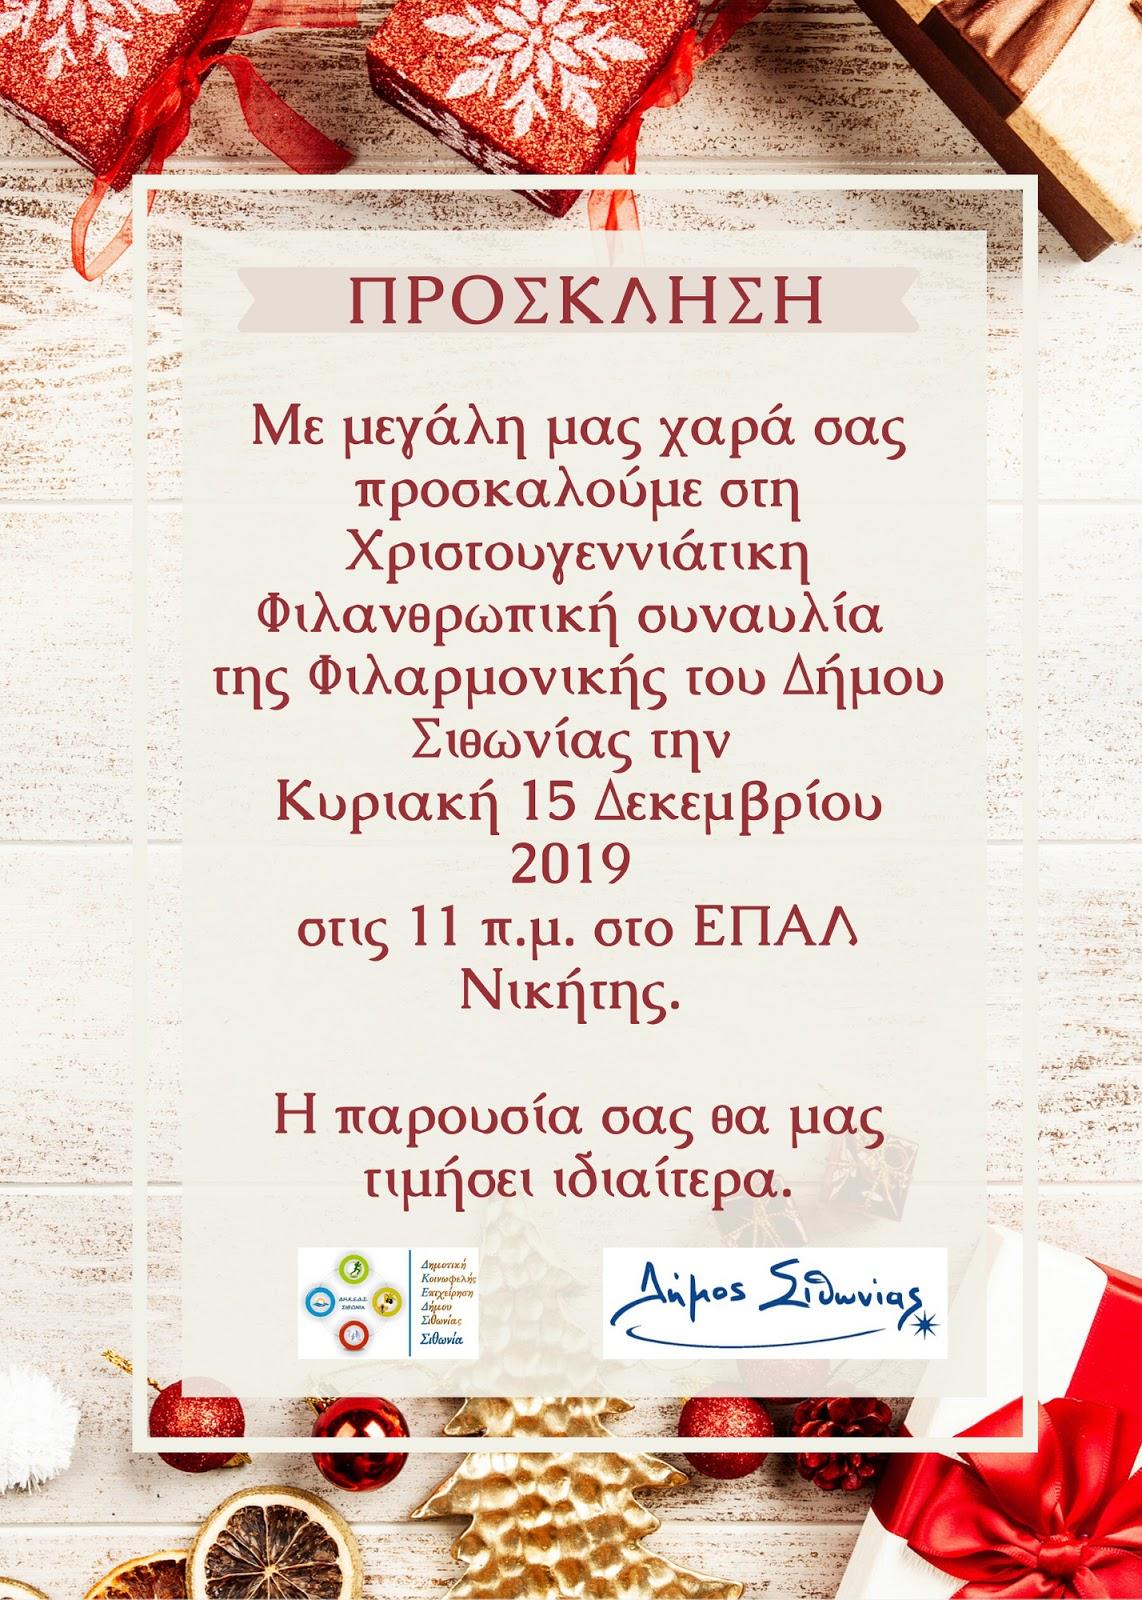 Χριστουγεννιάτικη Φιλανθρωπική Συναυλία Φιλαρμονικής Σιθωνίας στο ΕΠΑΛ Νικήτης 15-12-19